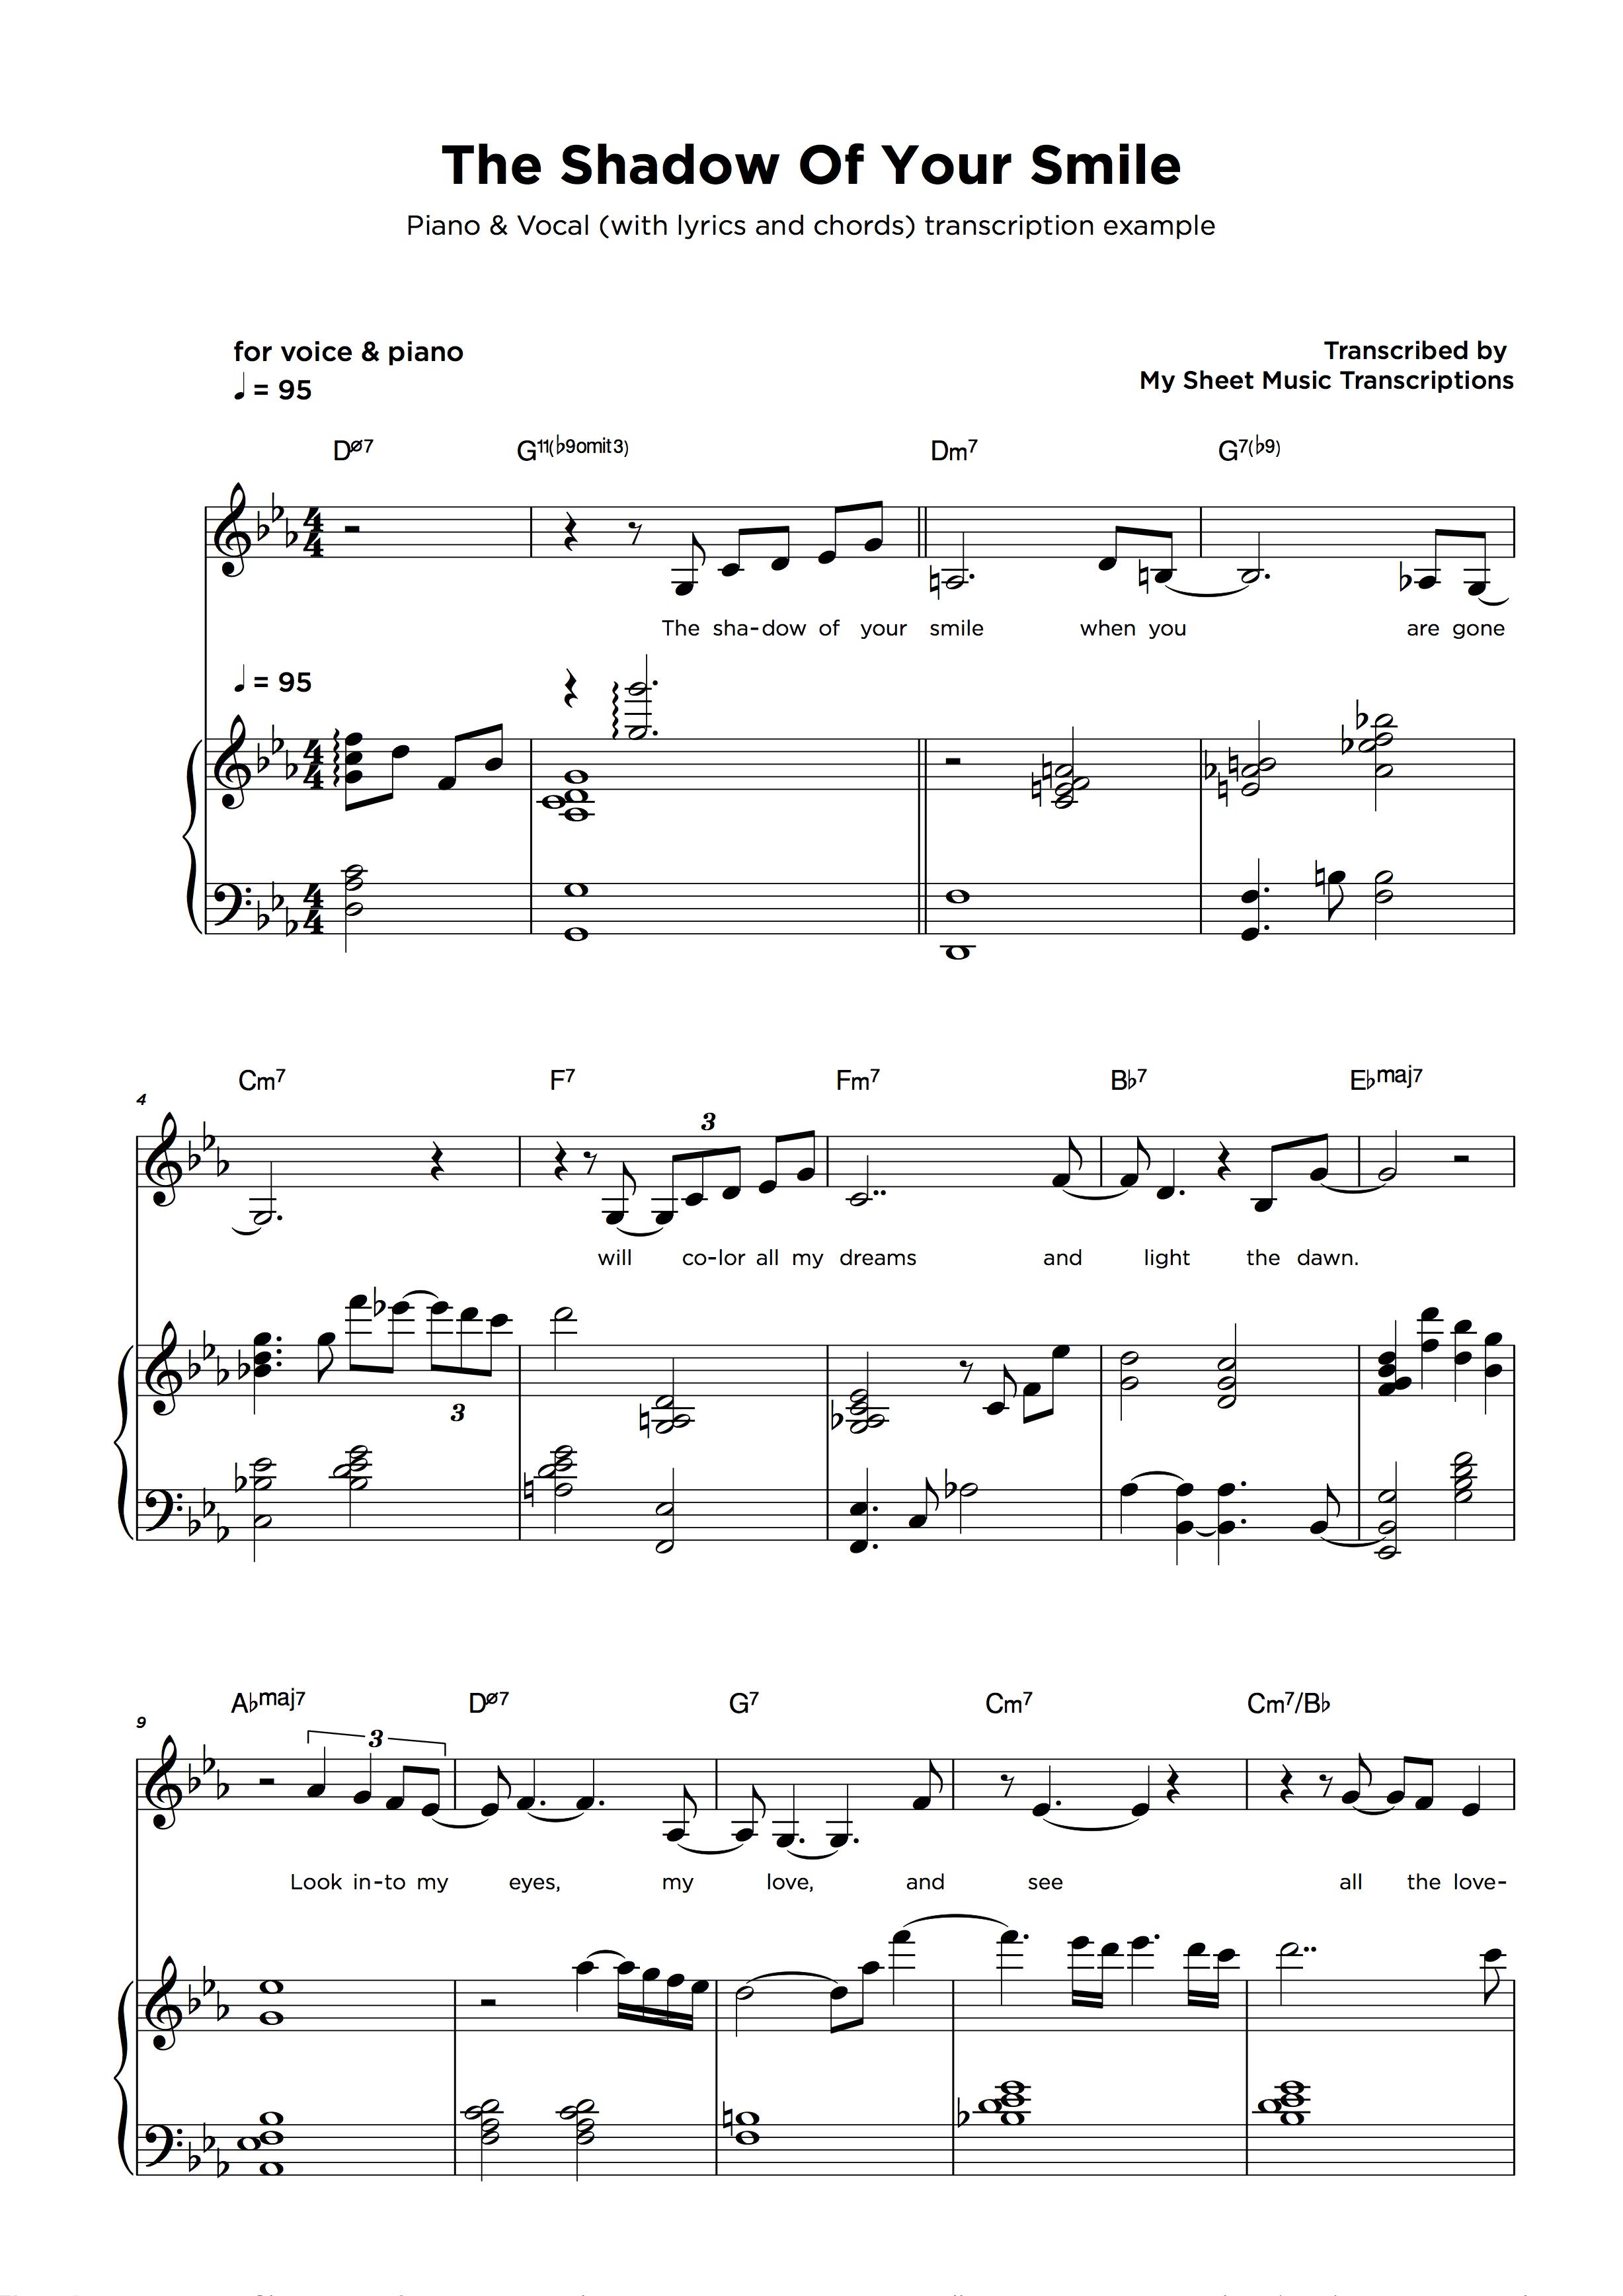 Music Transcription Service Sample - Piano & Vocal